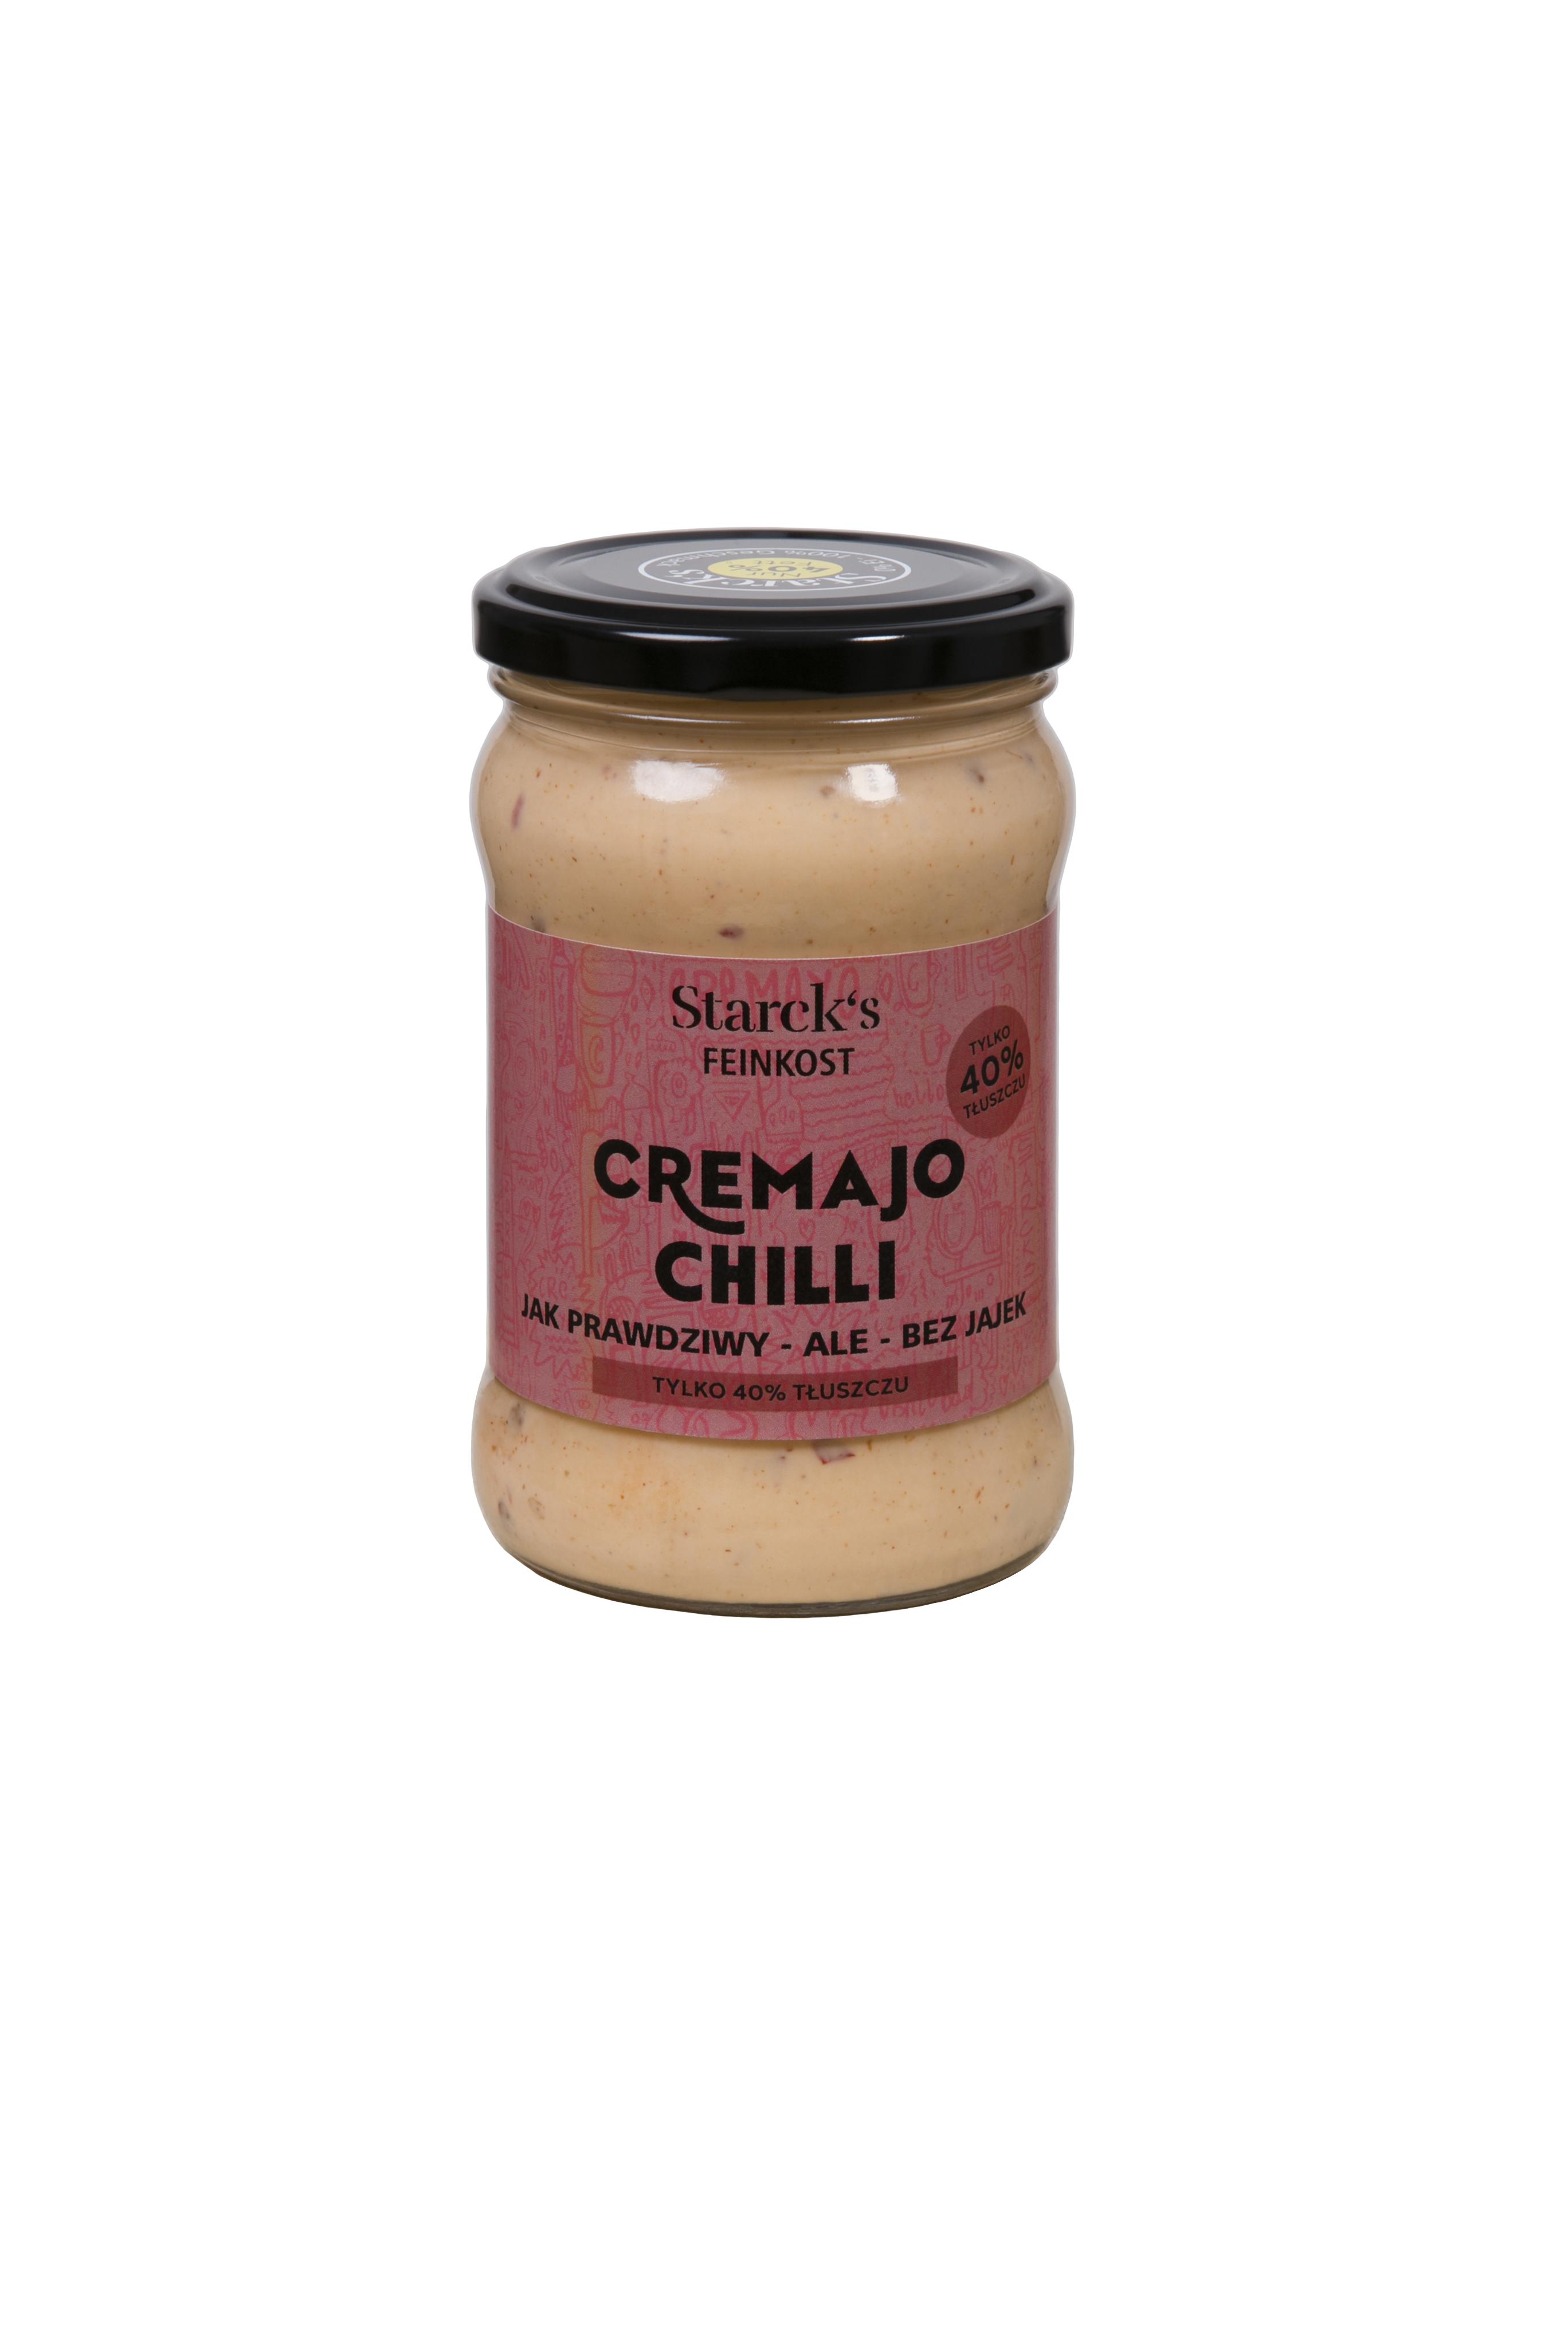 Cremajo Chilli